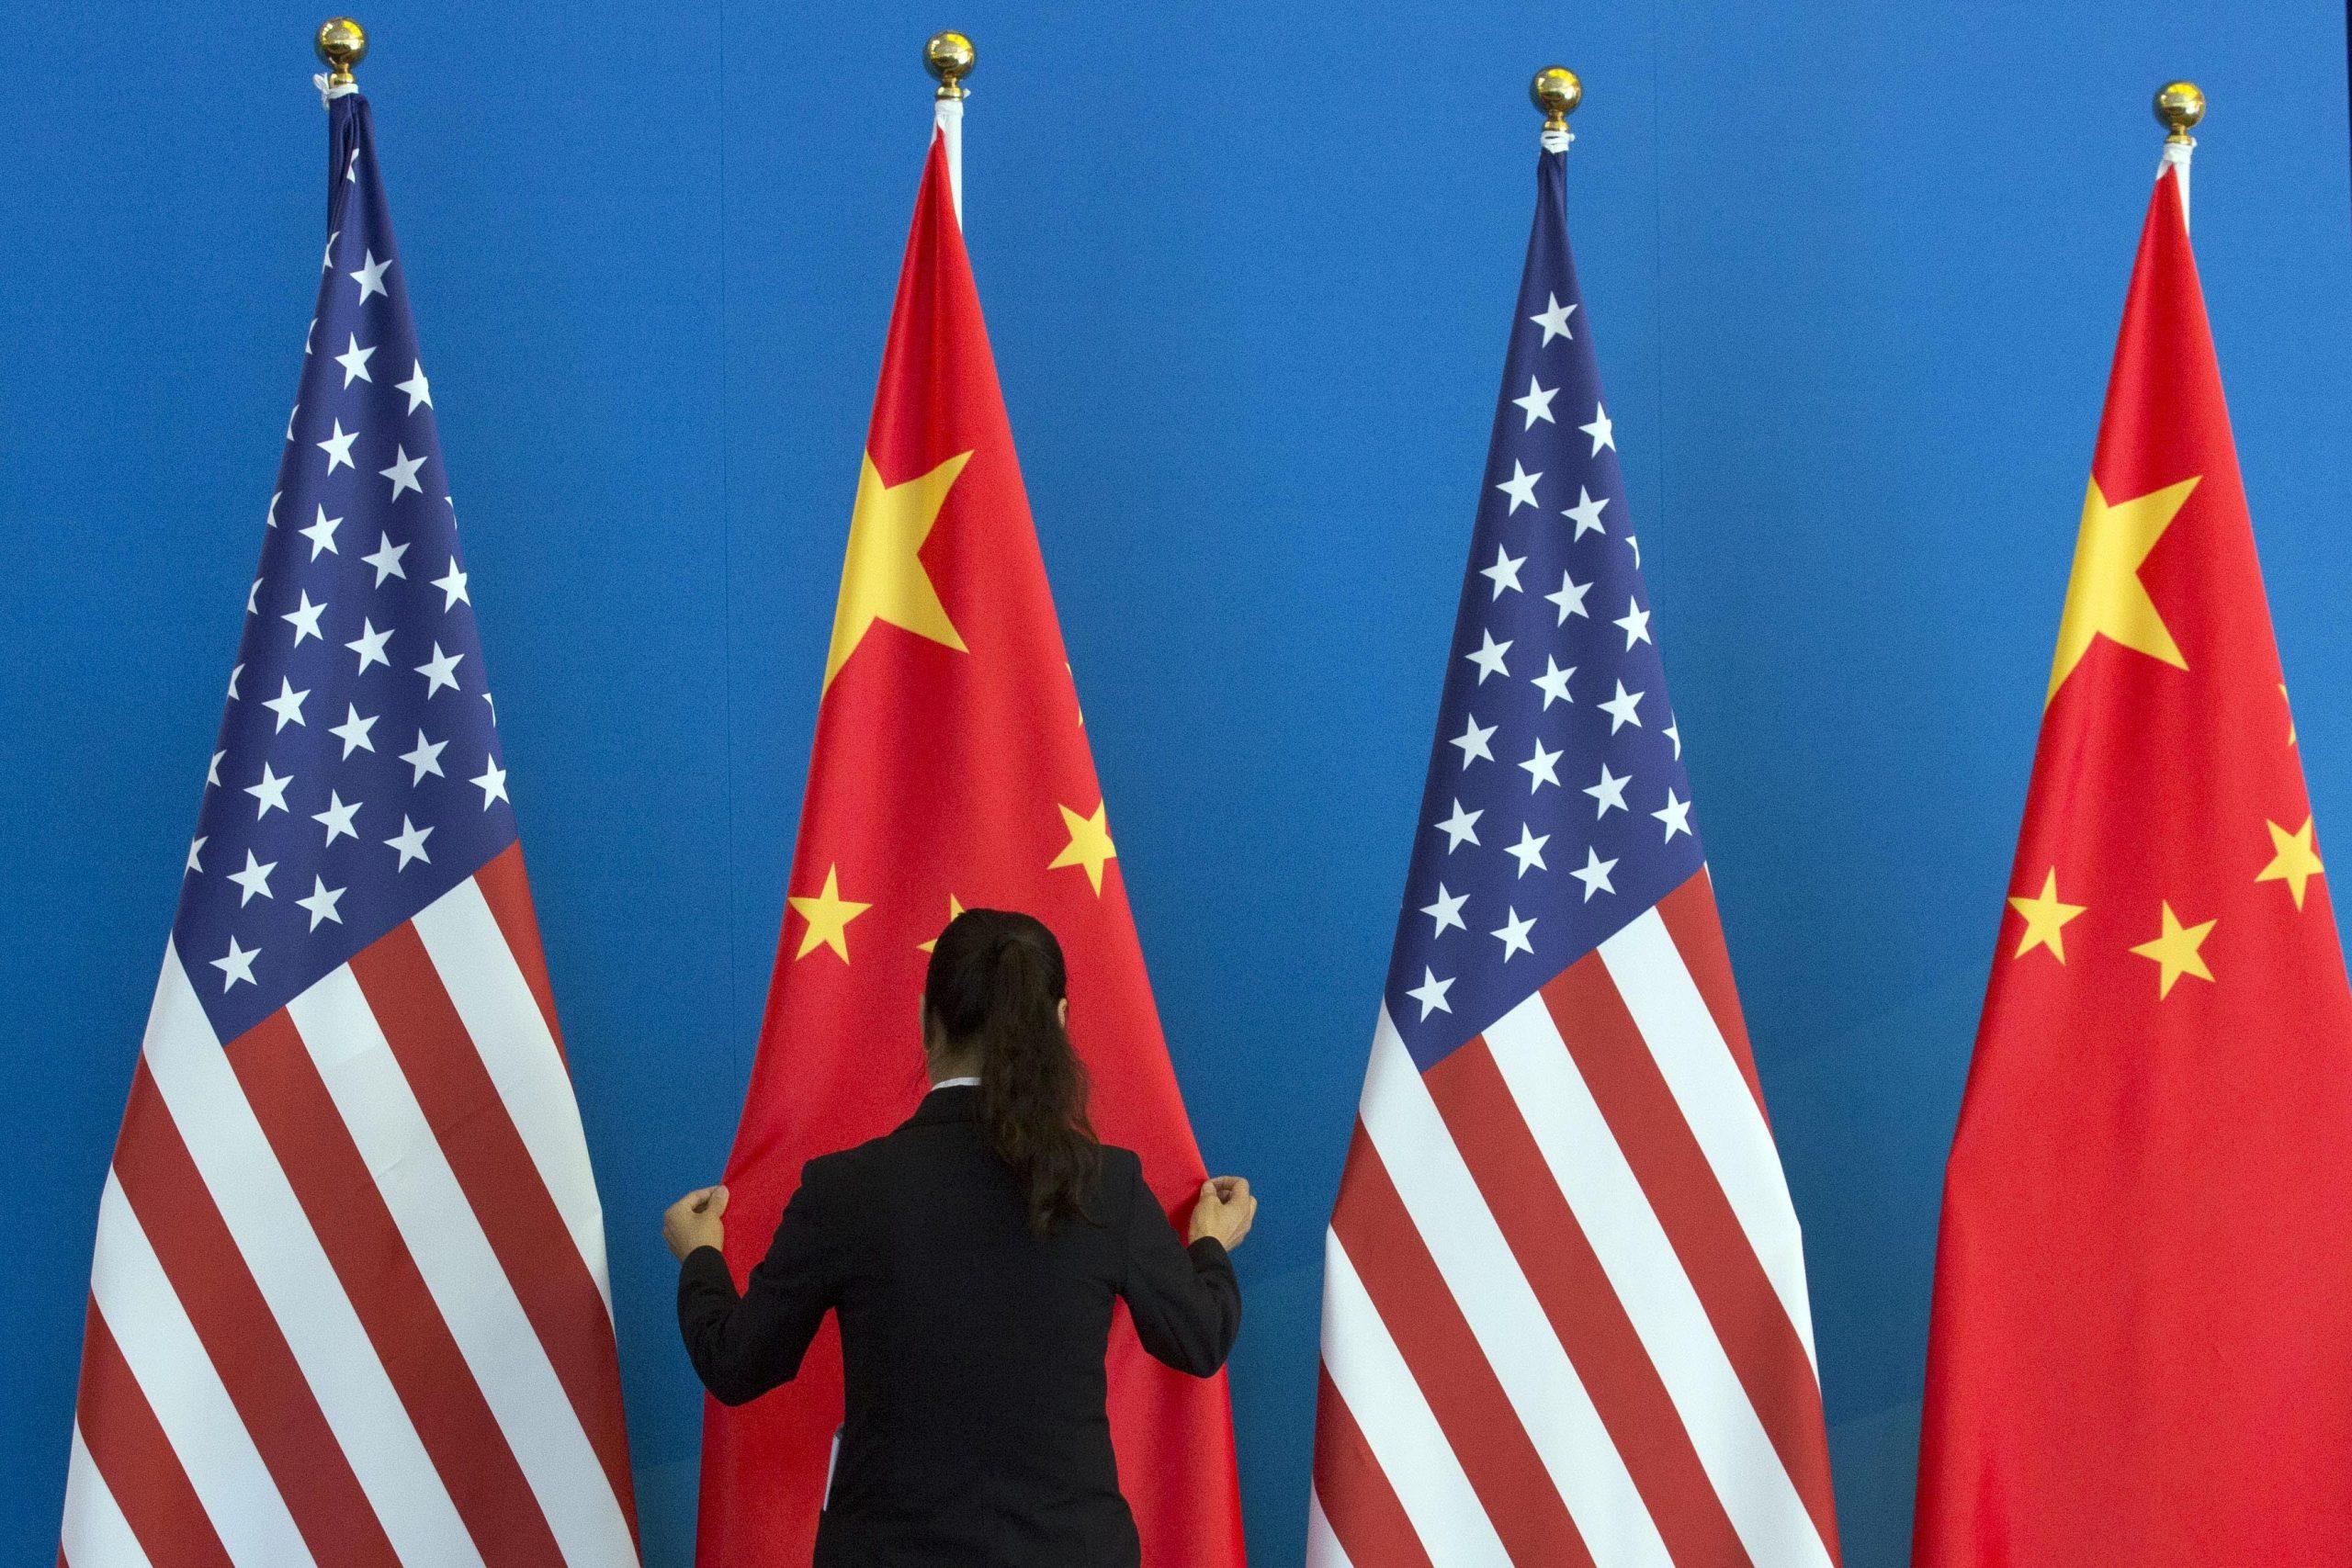 Estados Unidos advierte que las empresas conectadas a la región china de Xinjiang corren un 'alto riesgo' de violar la ley